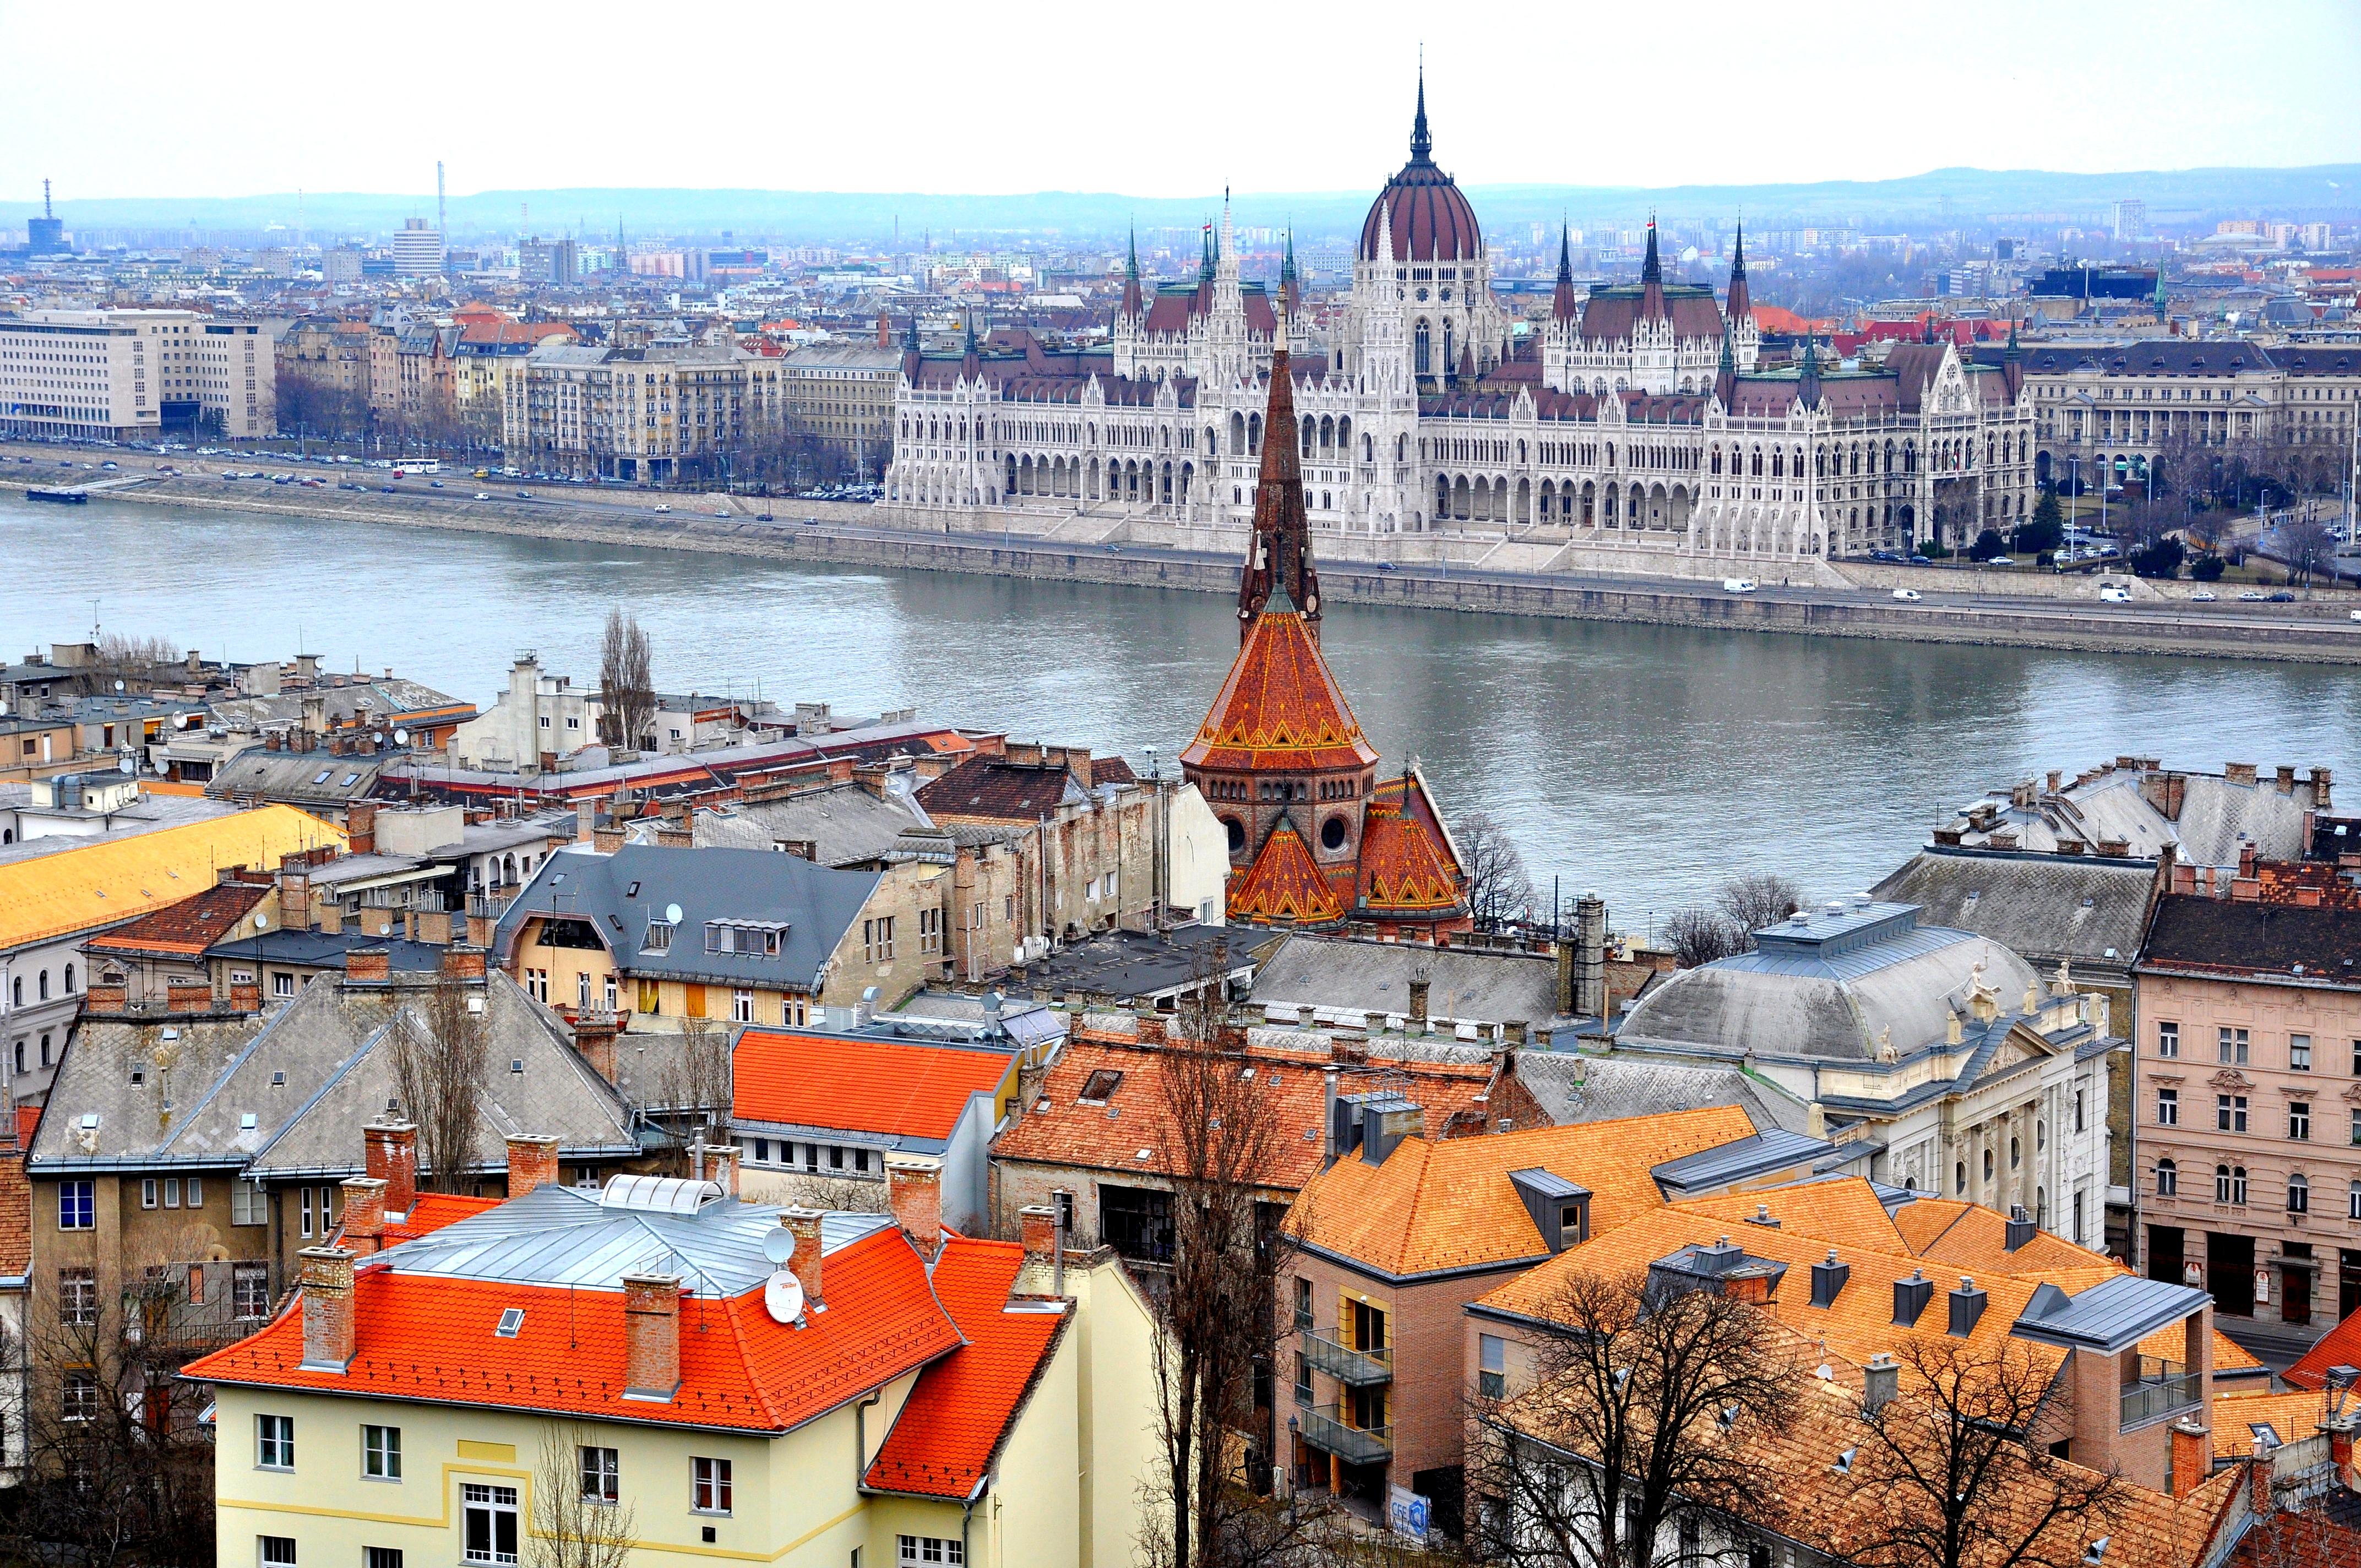 Cosa vedere a gand in un giorno viaggiamo for Torino da vedere in un giorno